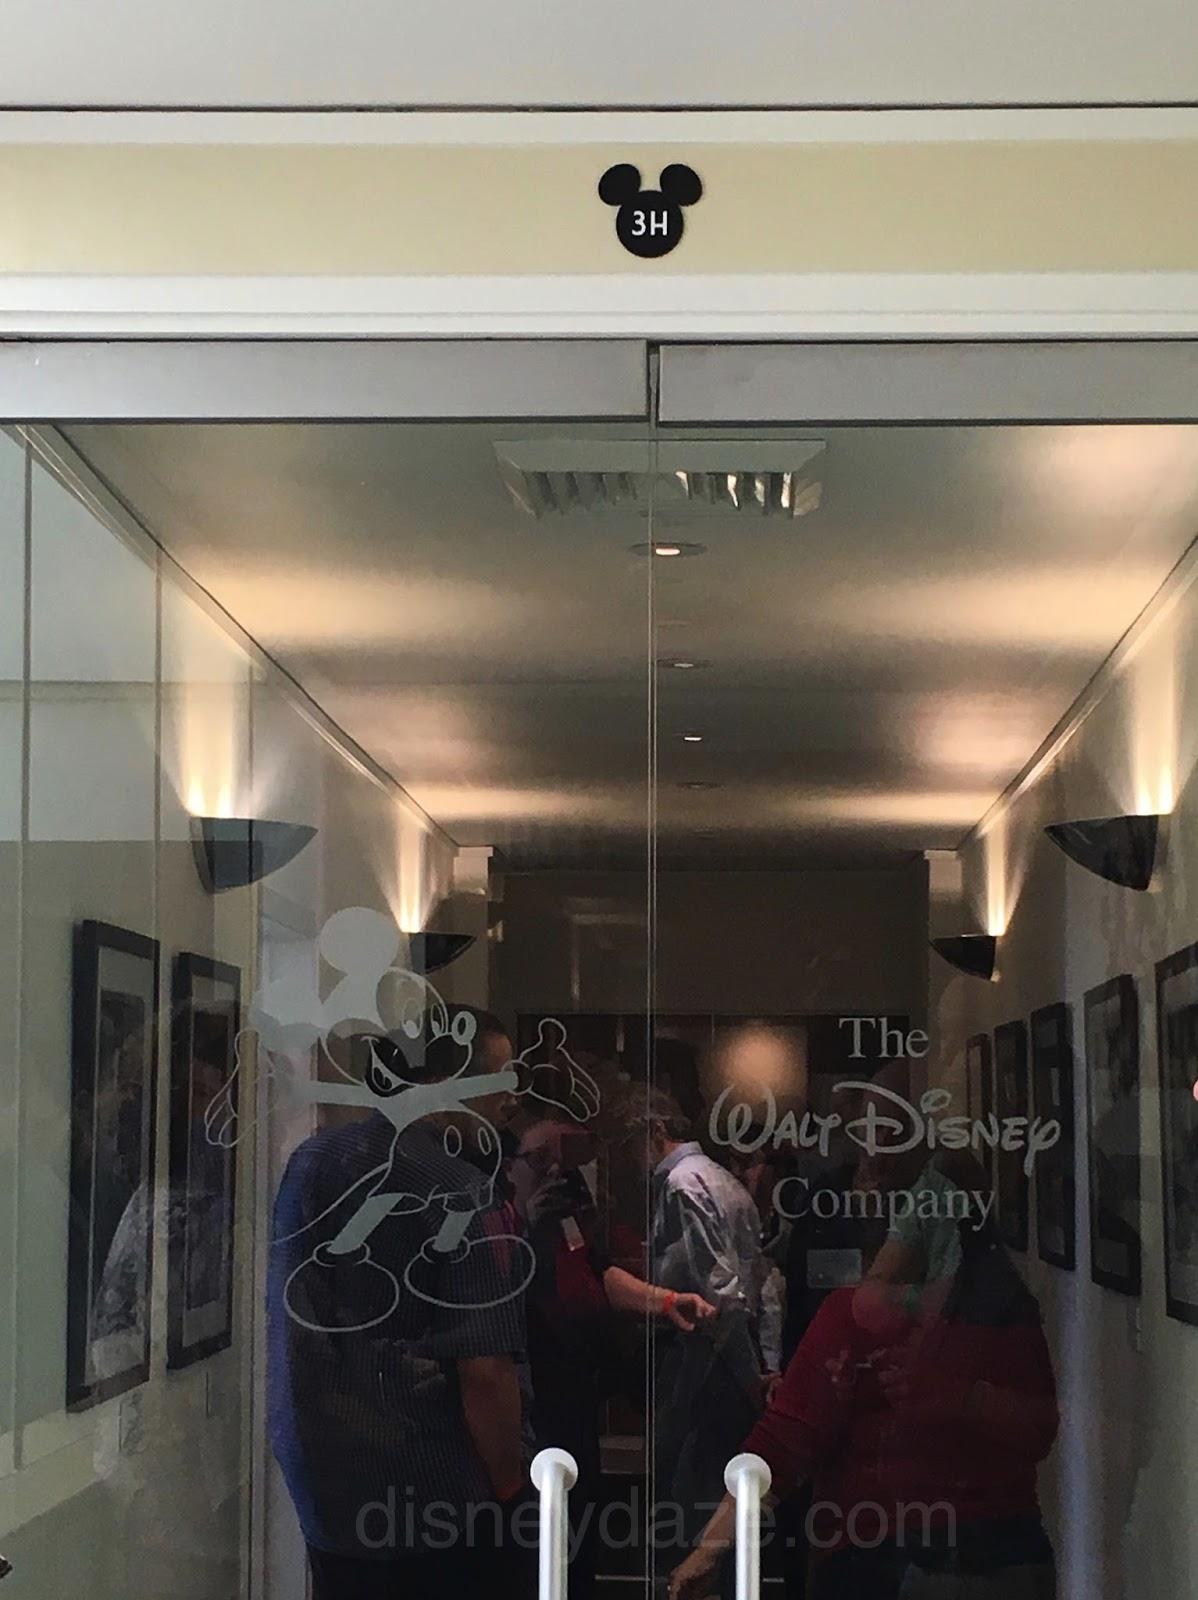 Disney avenue take a tour of walt 39 s office - Walt disney office locations ...